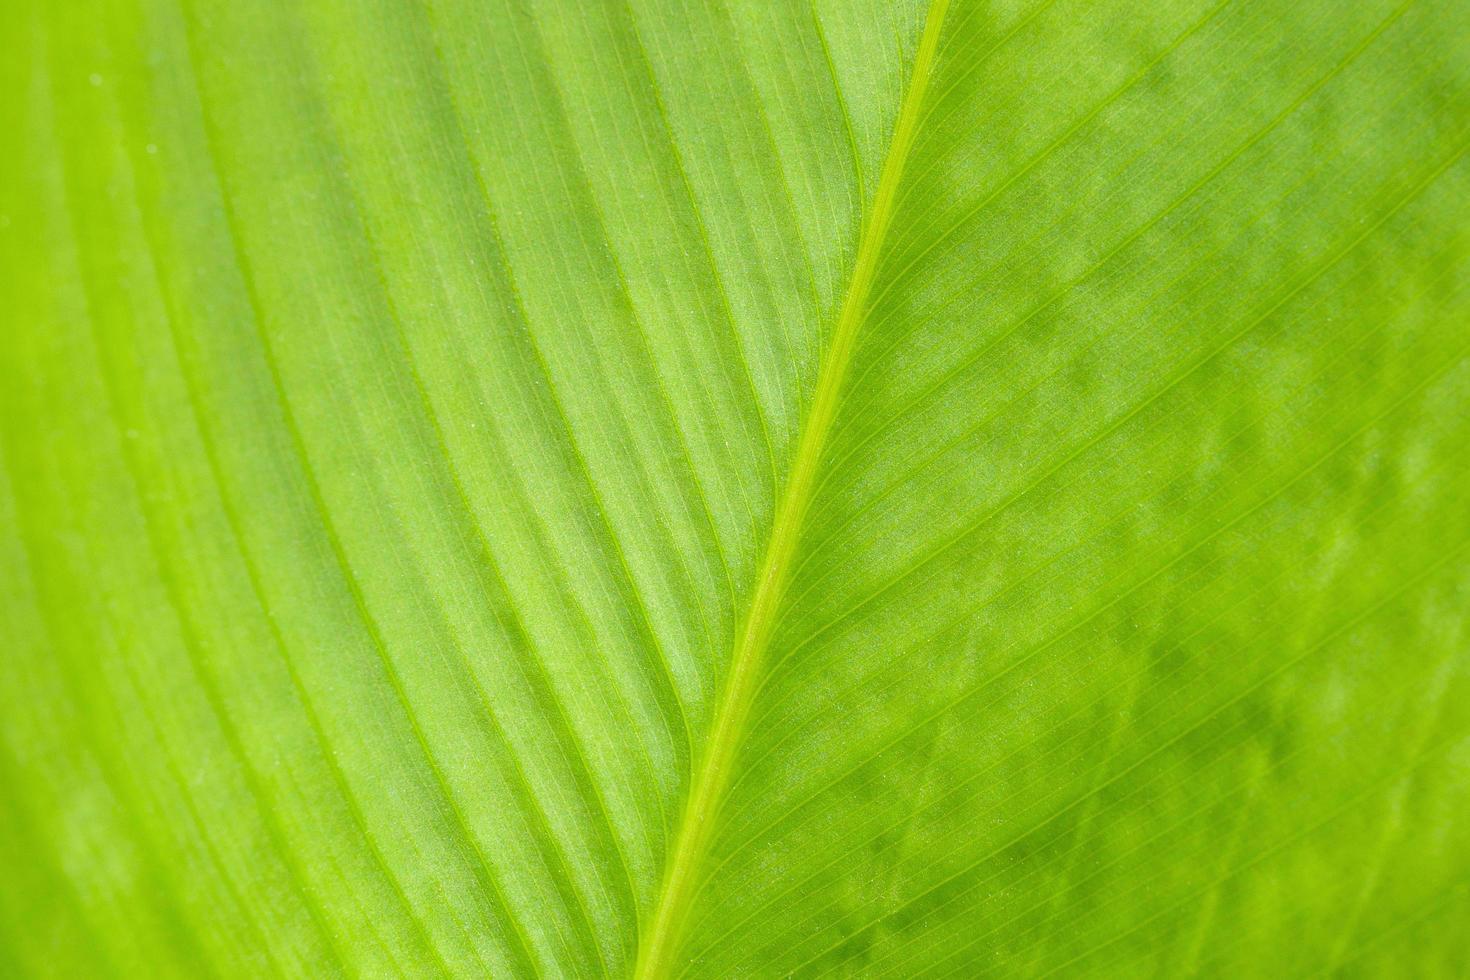 motif de feuille verte, fond de nature abstraite. fermer. photo